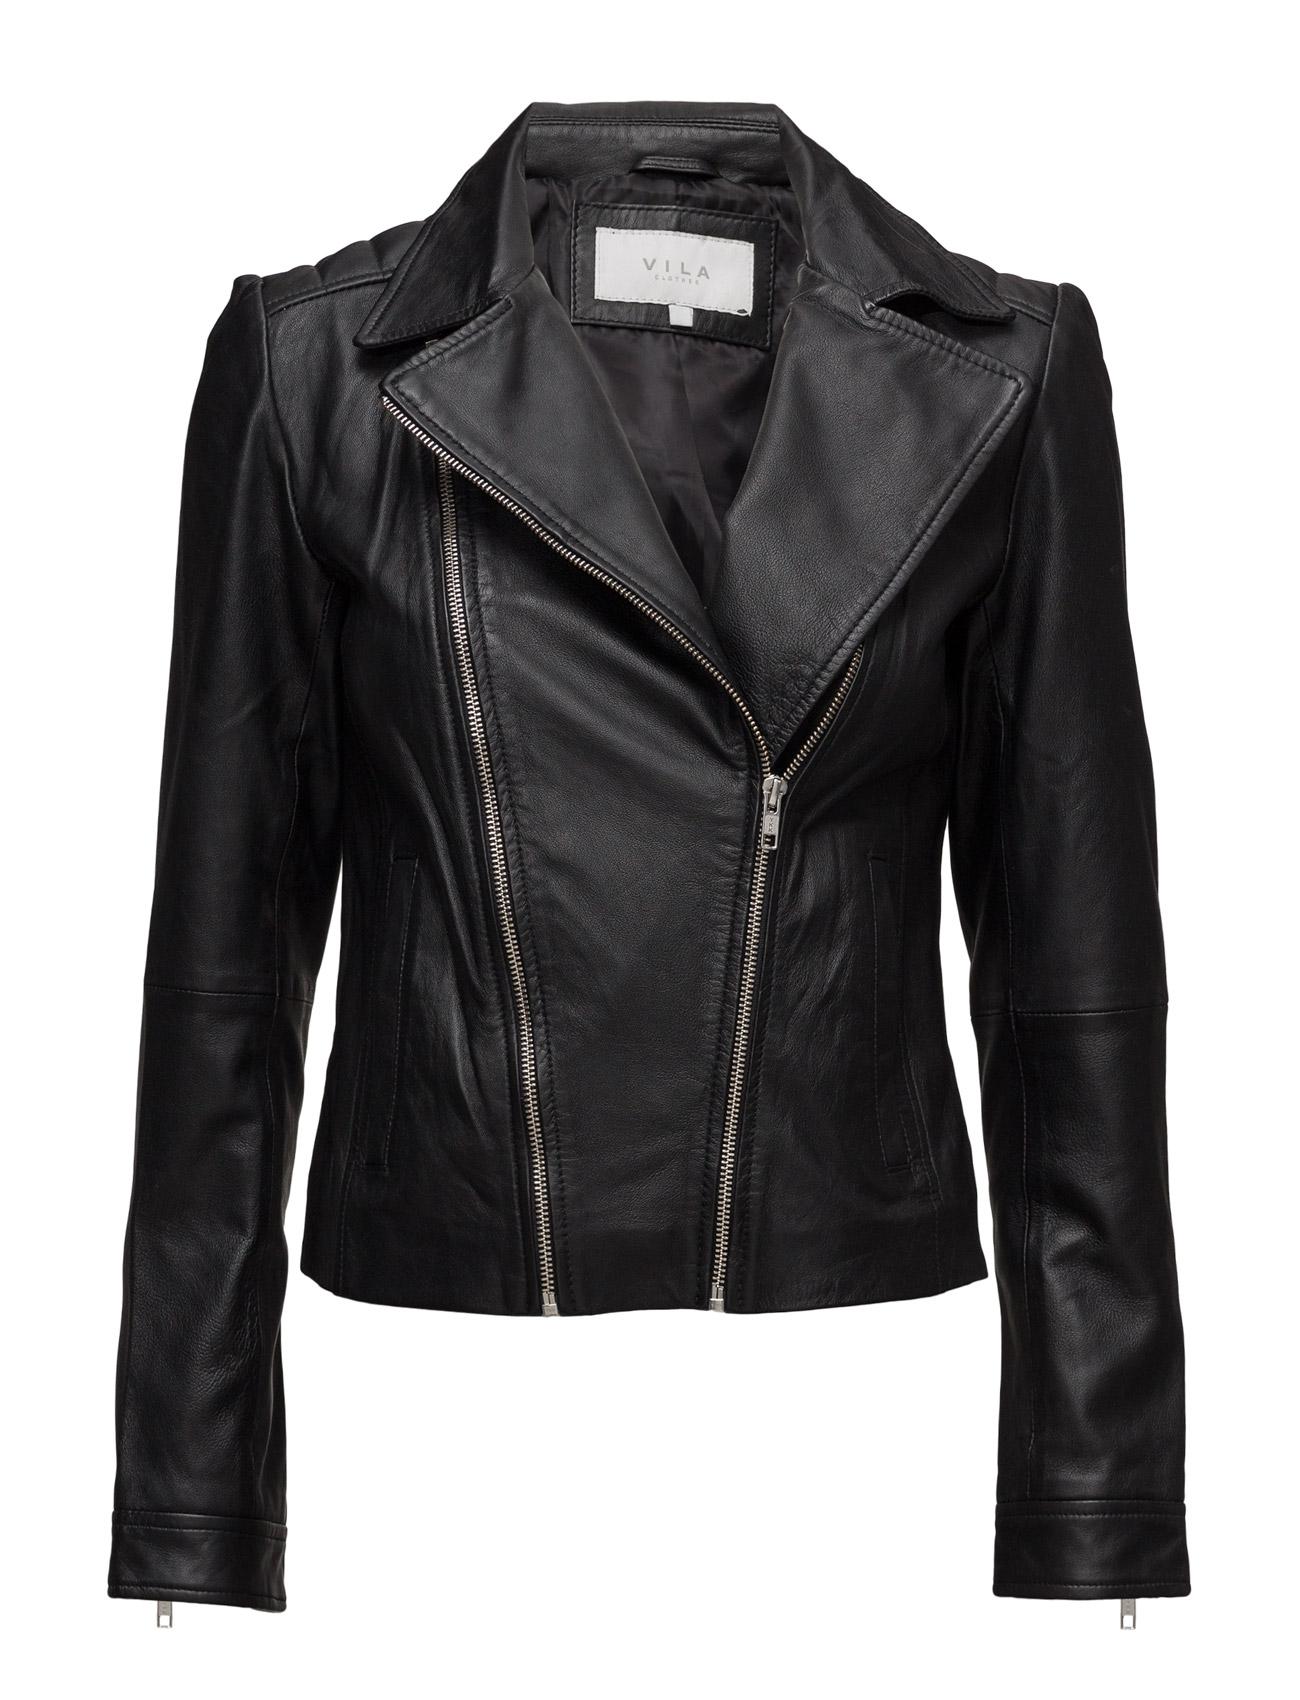 Visatness Leather Jacket Vila Jakker til Damer i